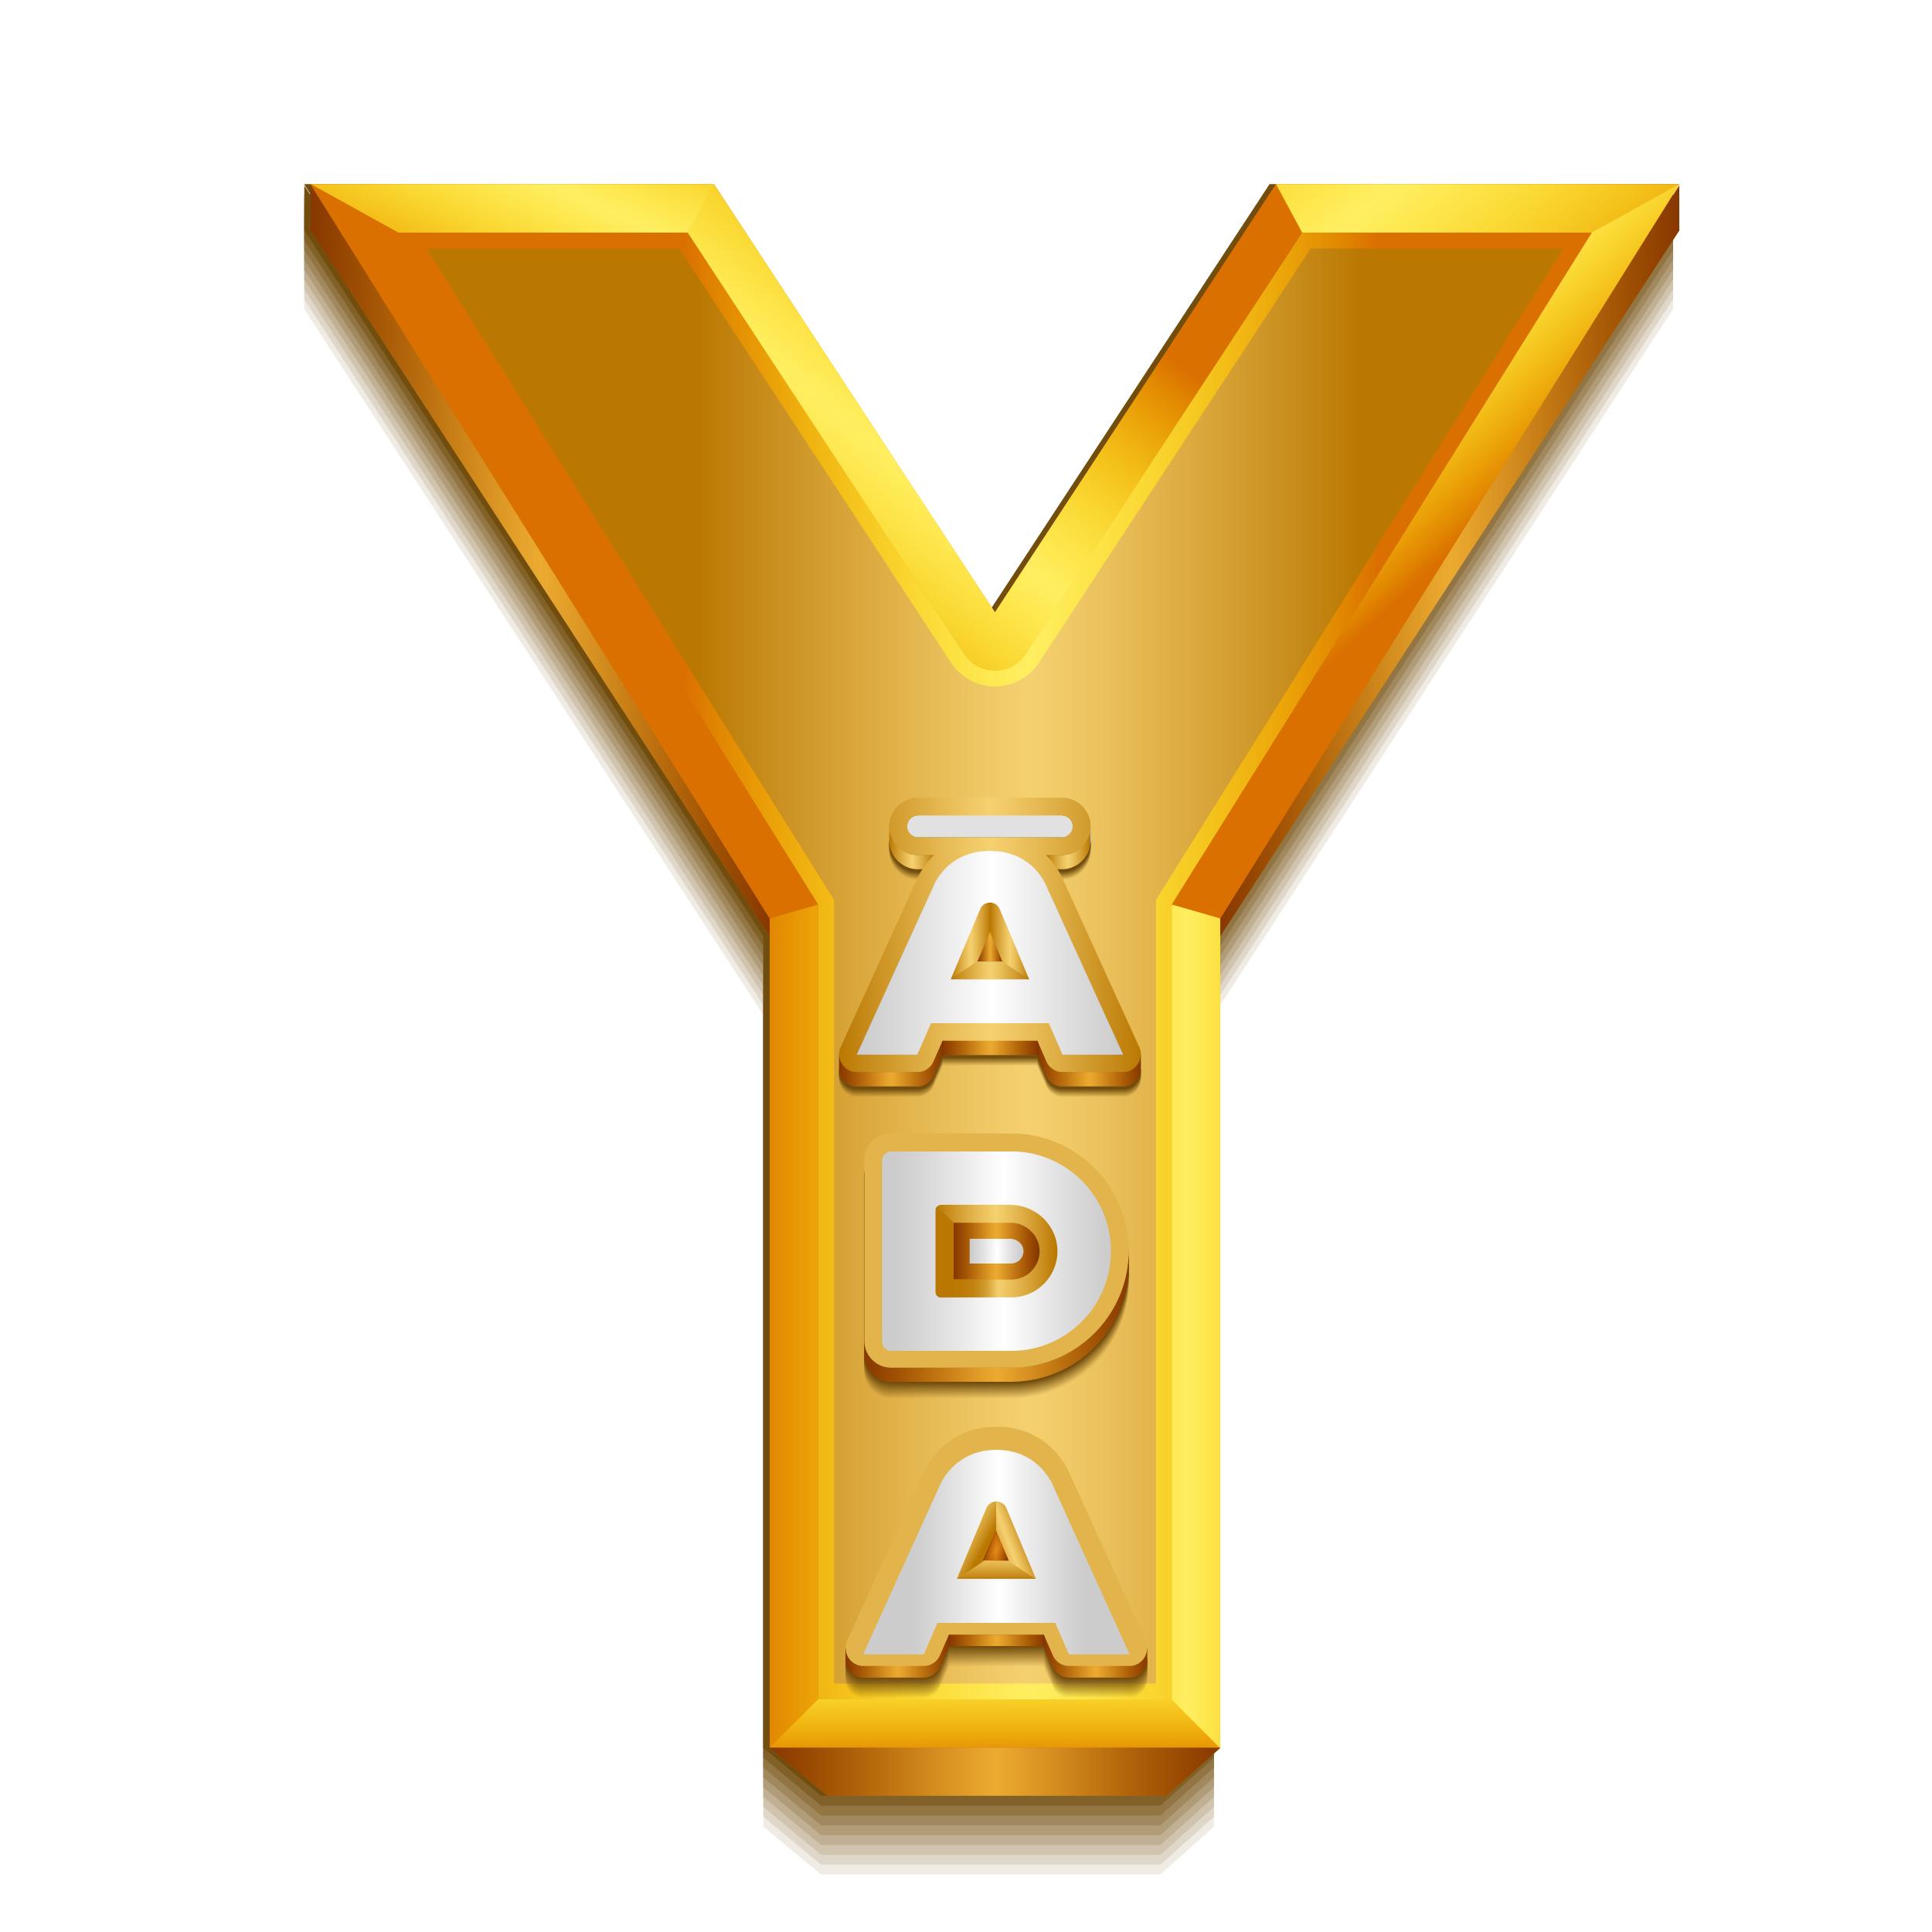 YADA CORPORATION launching YADA 4.0 called YADA DOOR